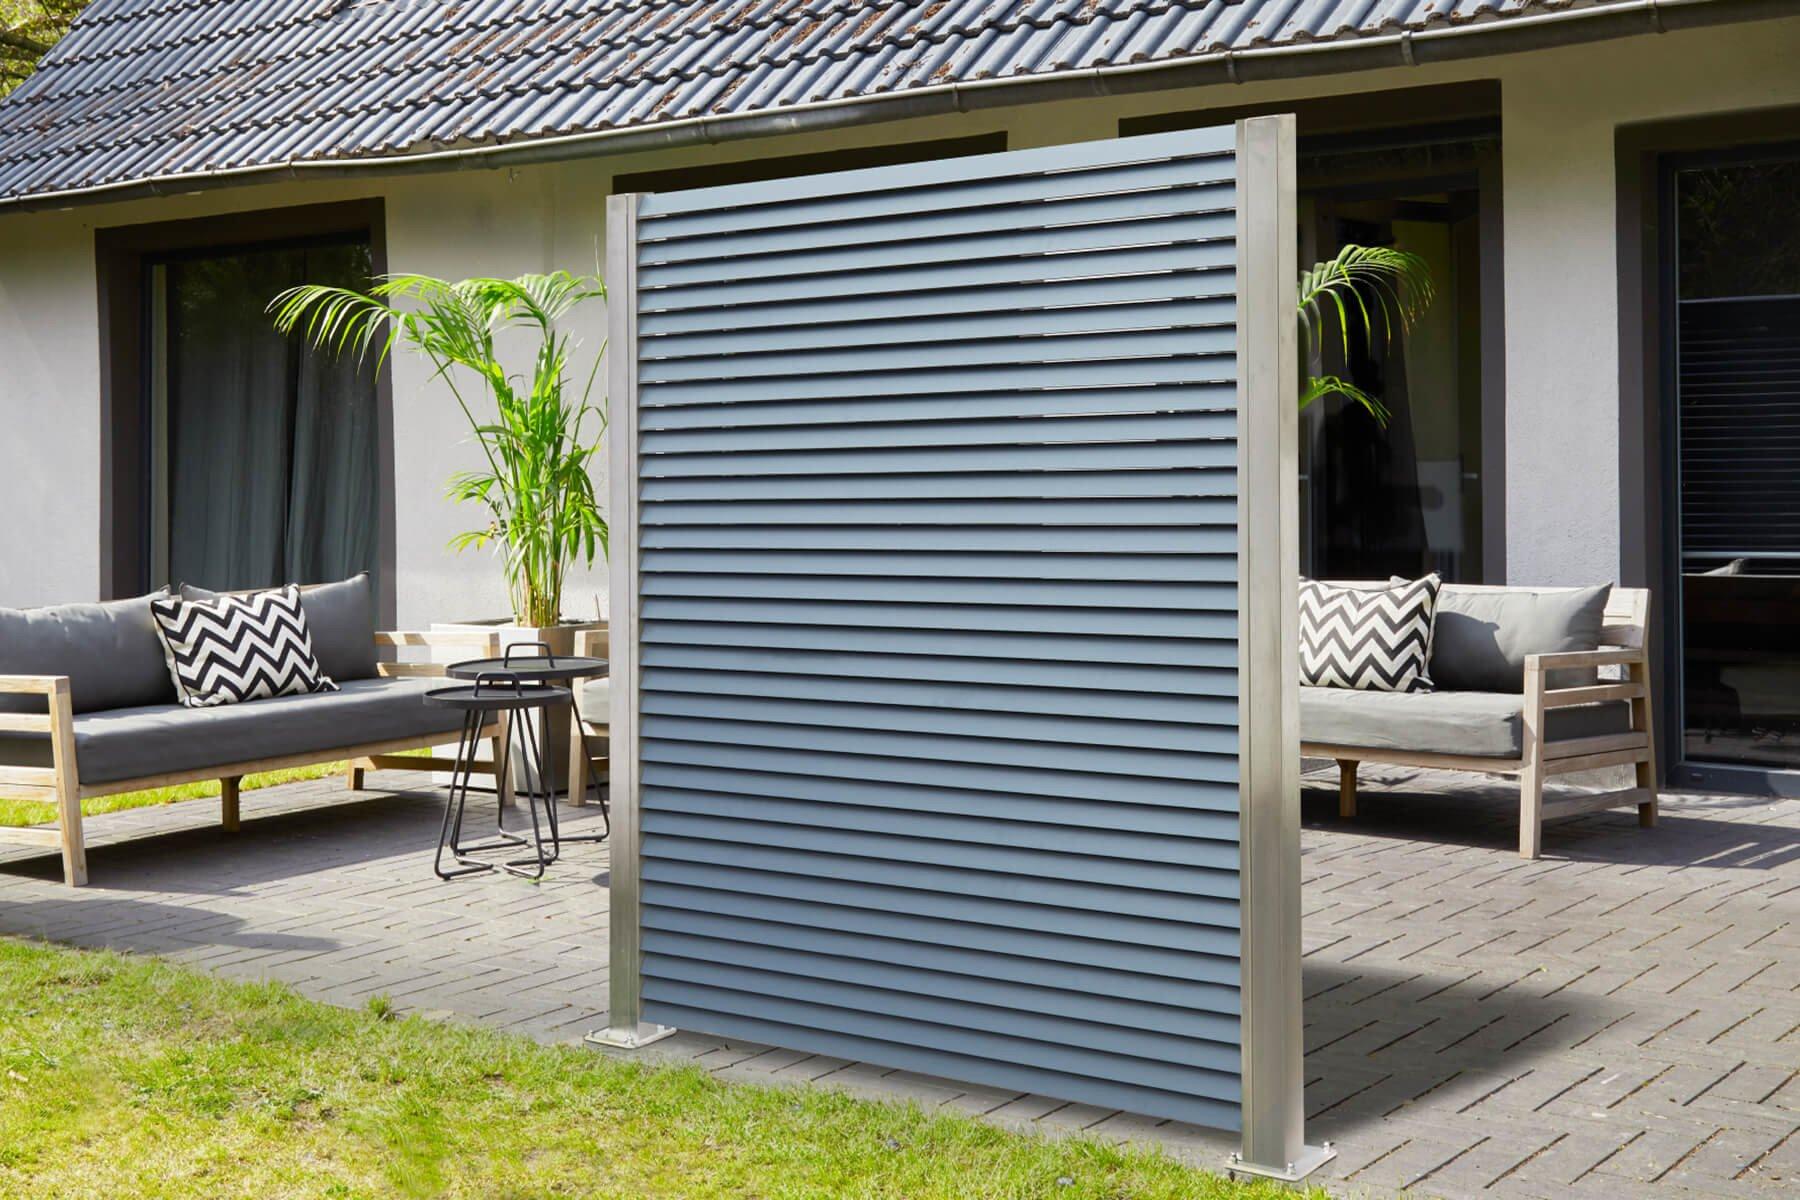 Lamellenzaun Porto mit Wind- und Sichtschutz sorgt für Privatsphäre auf der Terrasse Zuhause oder anderen Aussenbereichen erhältlich in verschiedenen Farben und Massen